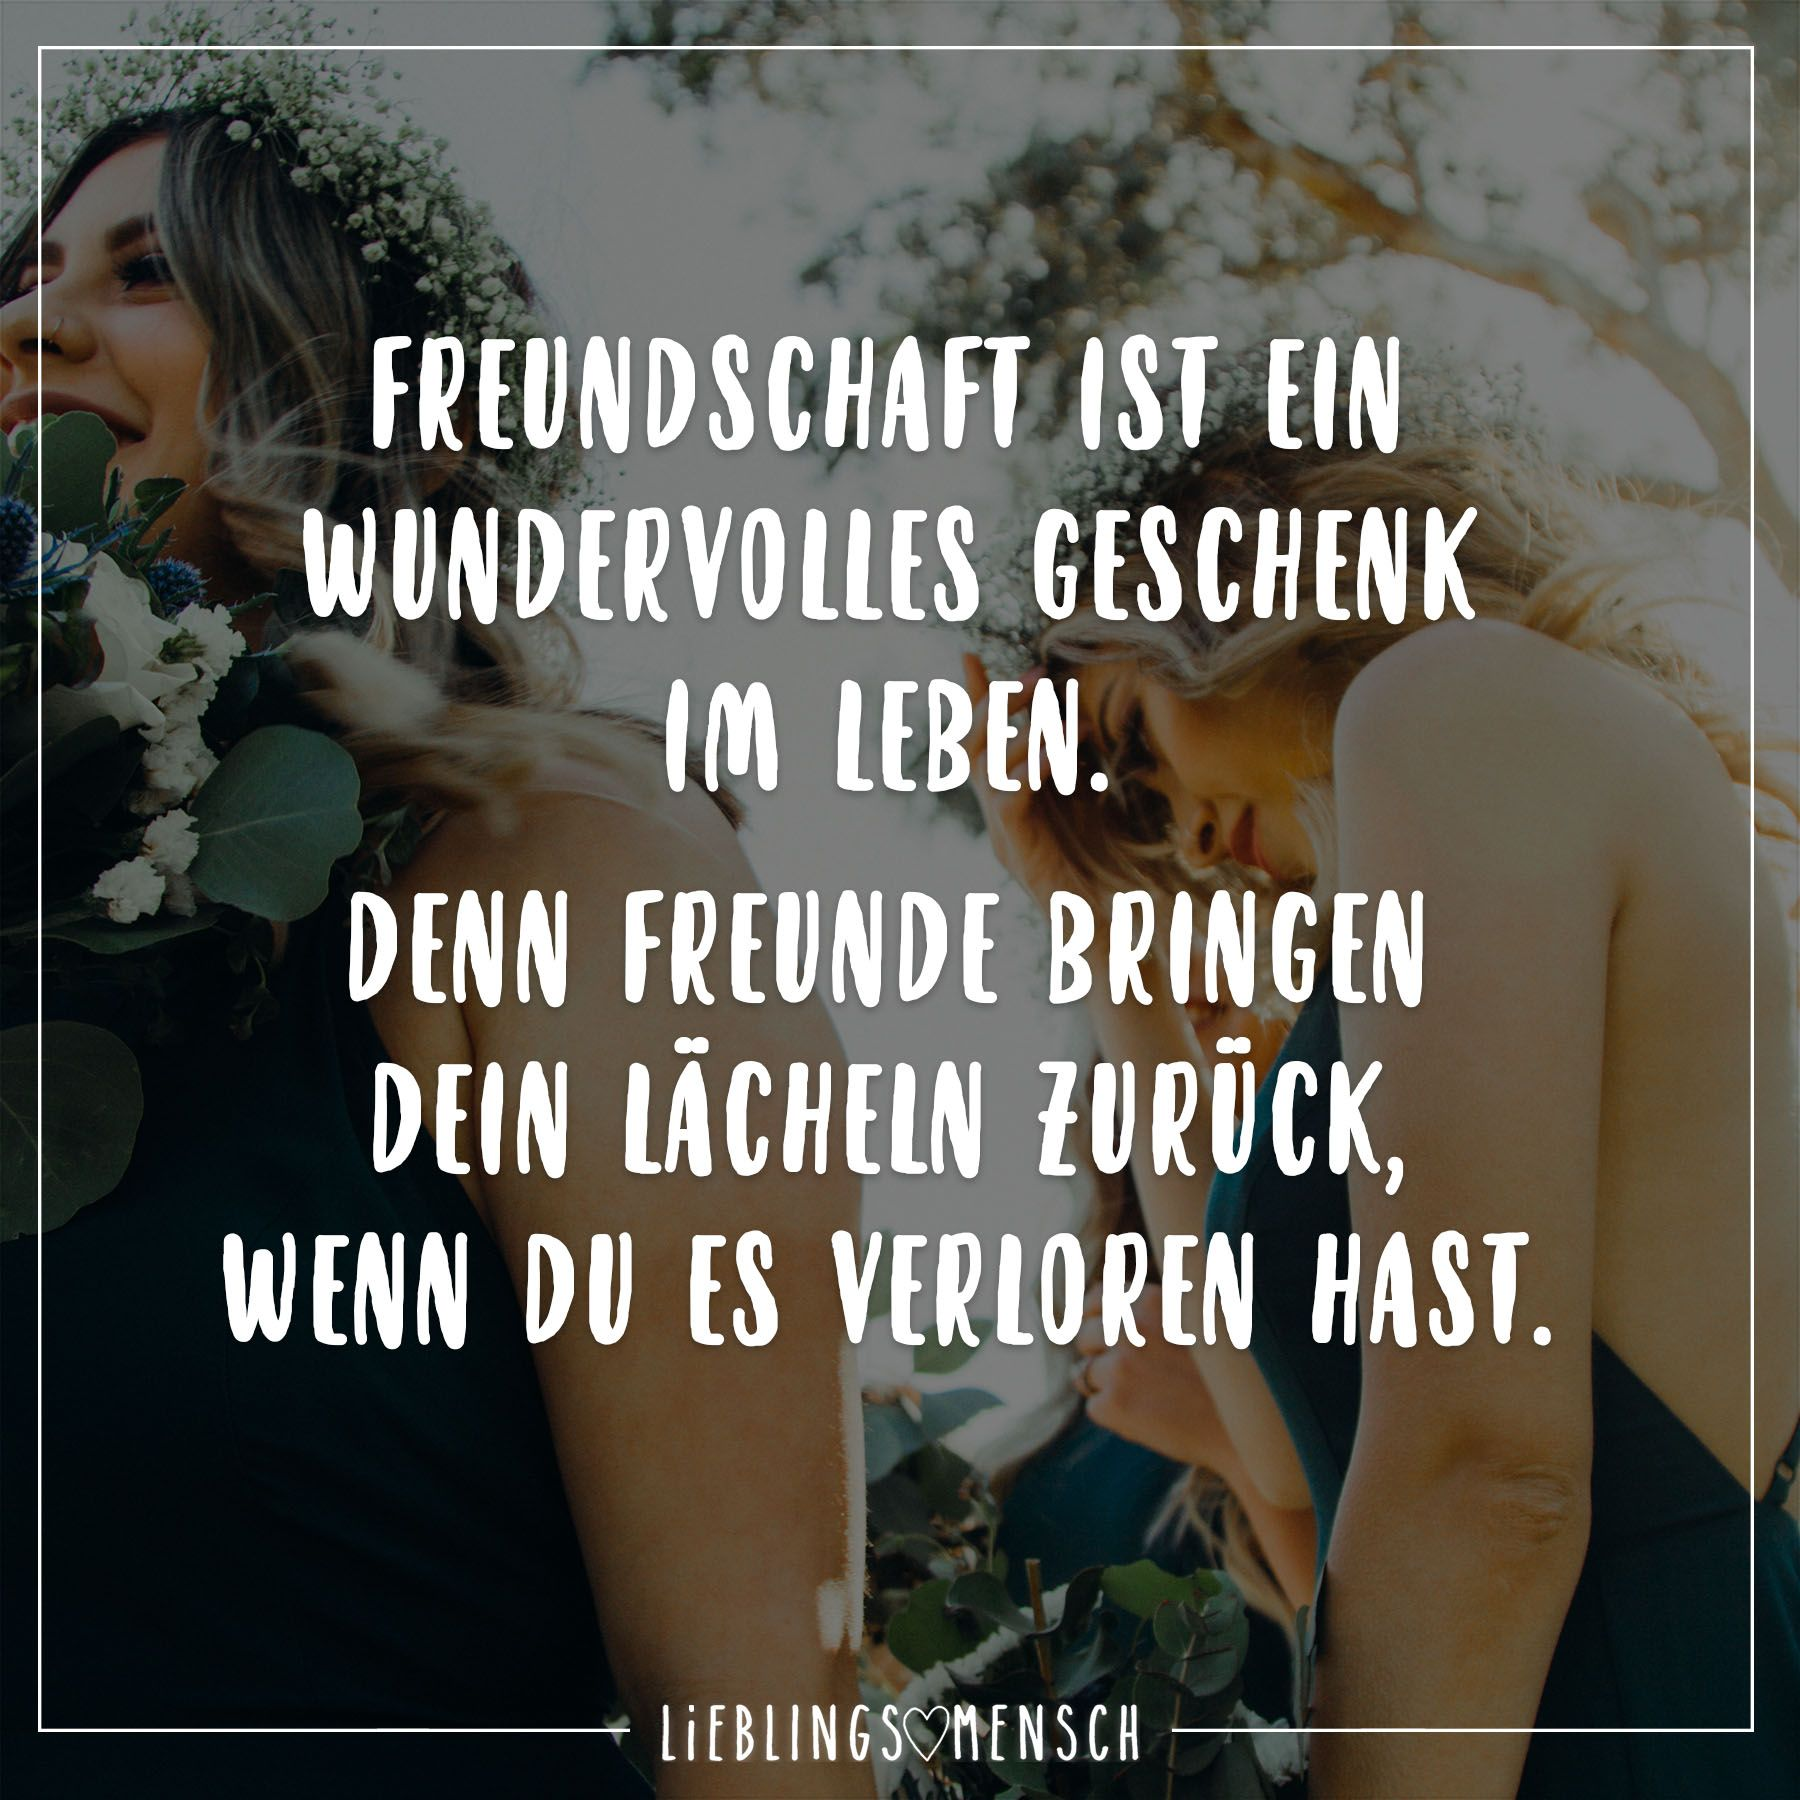 freundschaft ist ein wundervolles geschenk im leben denn